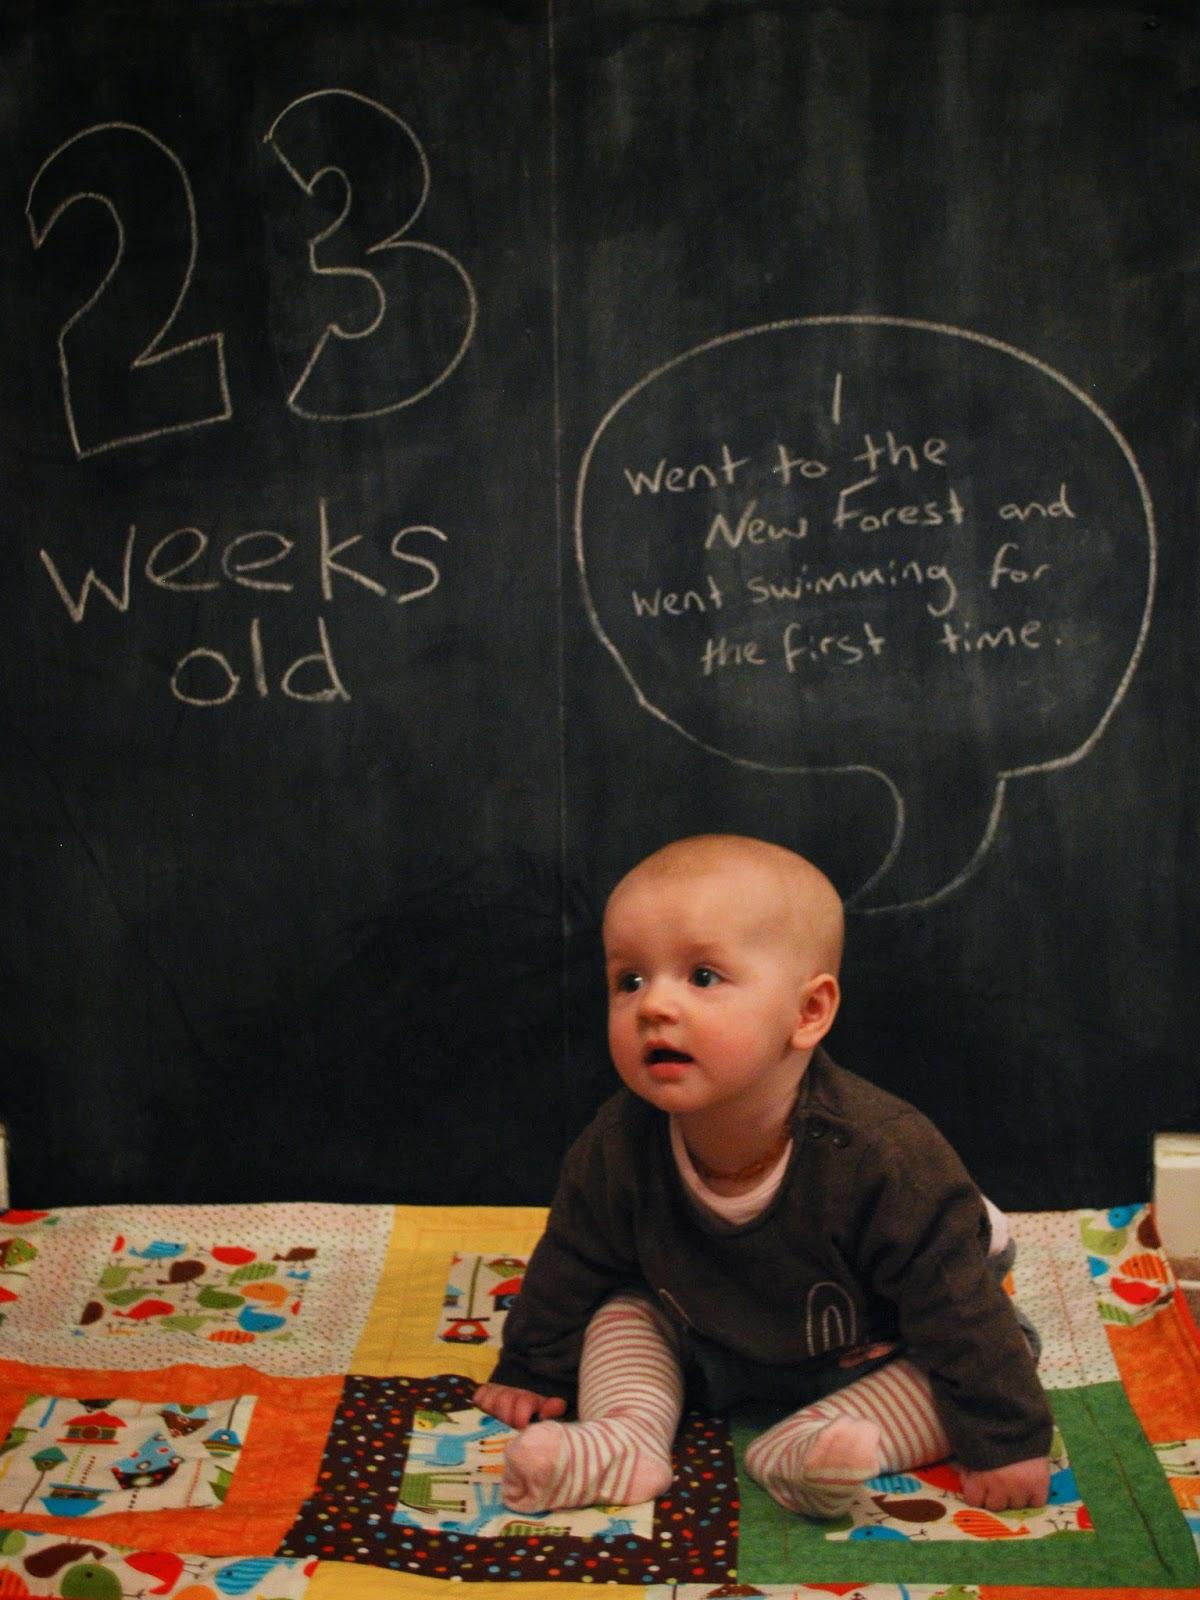 23 Weeks Old.